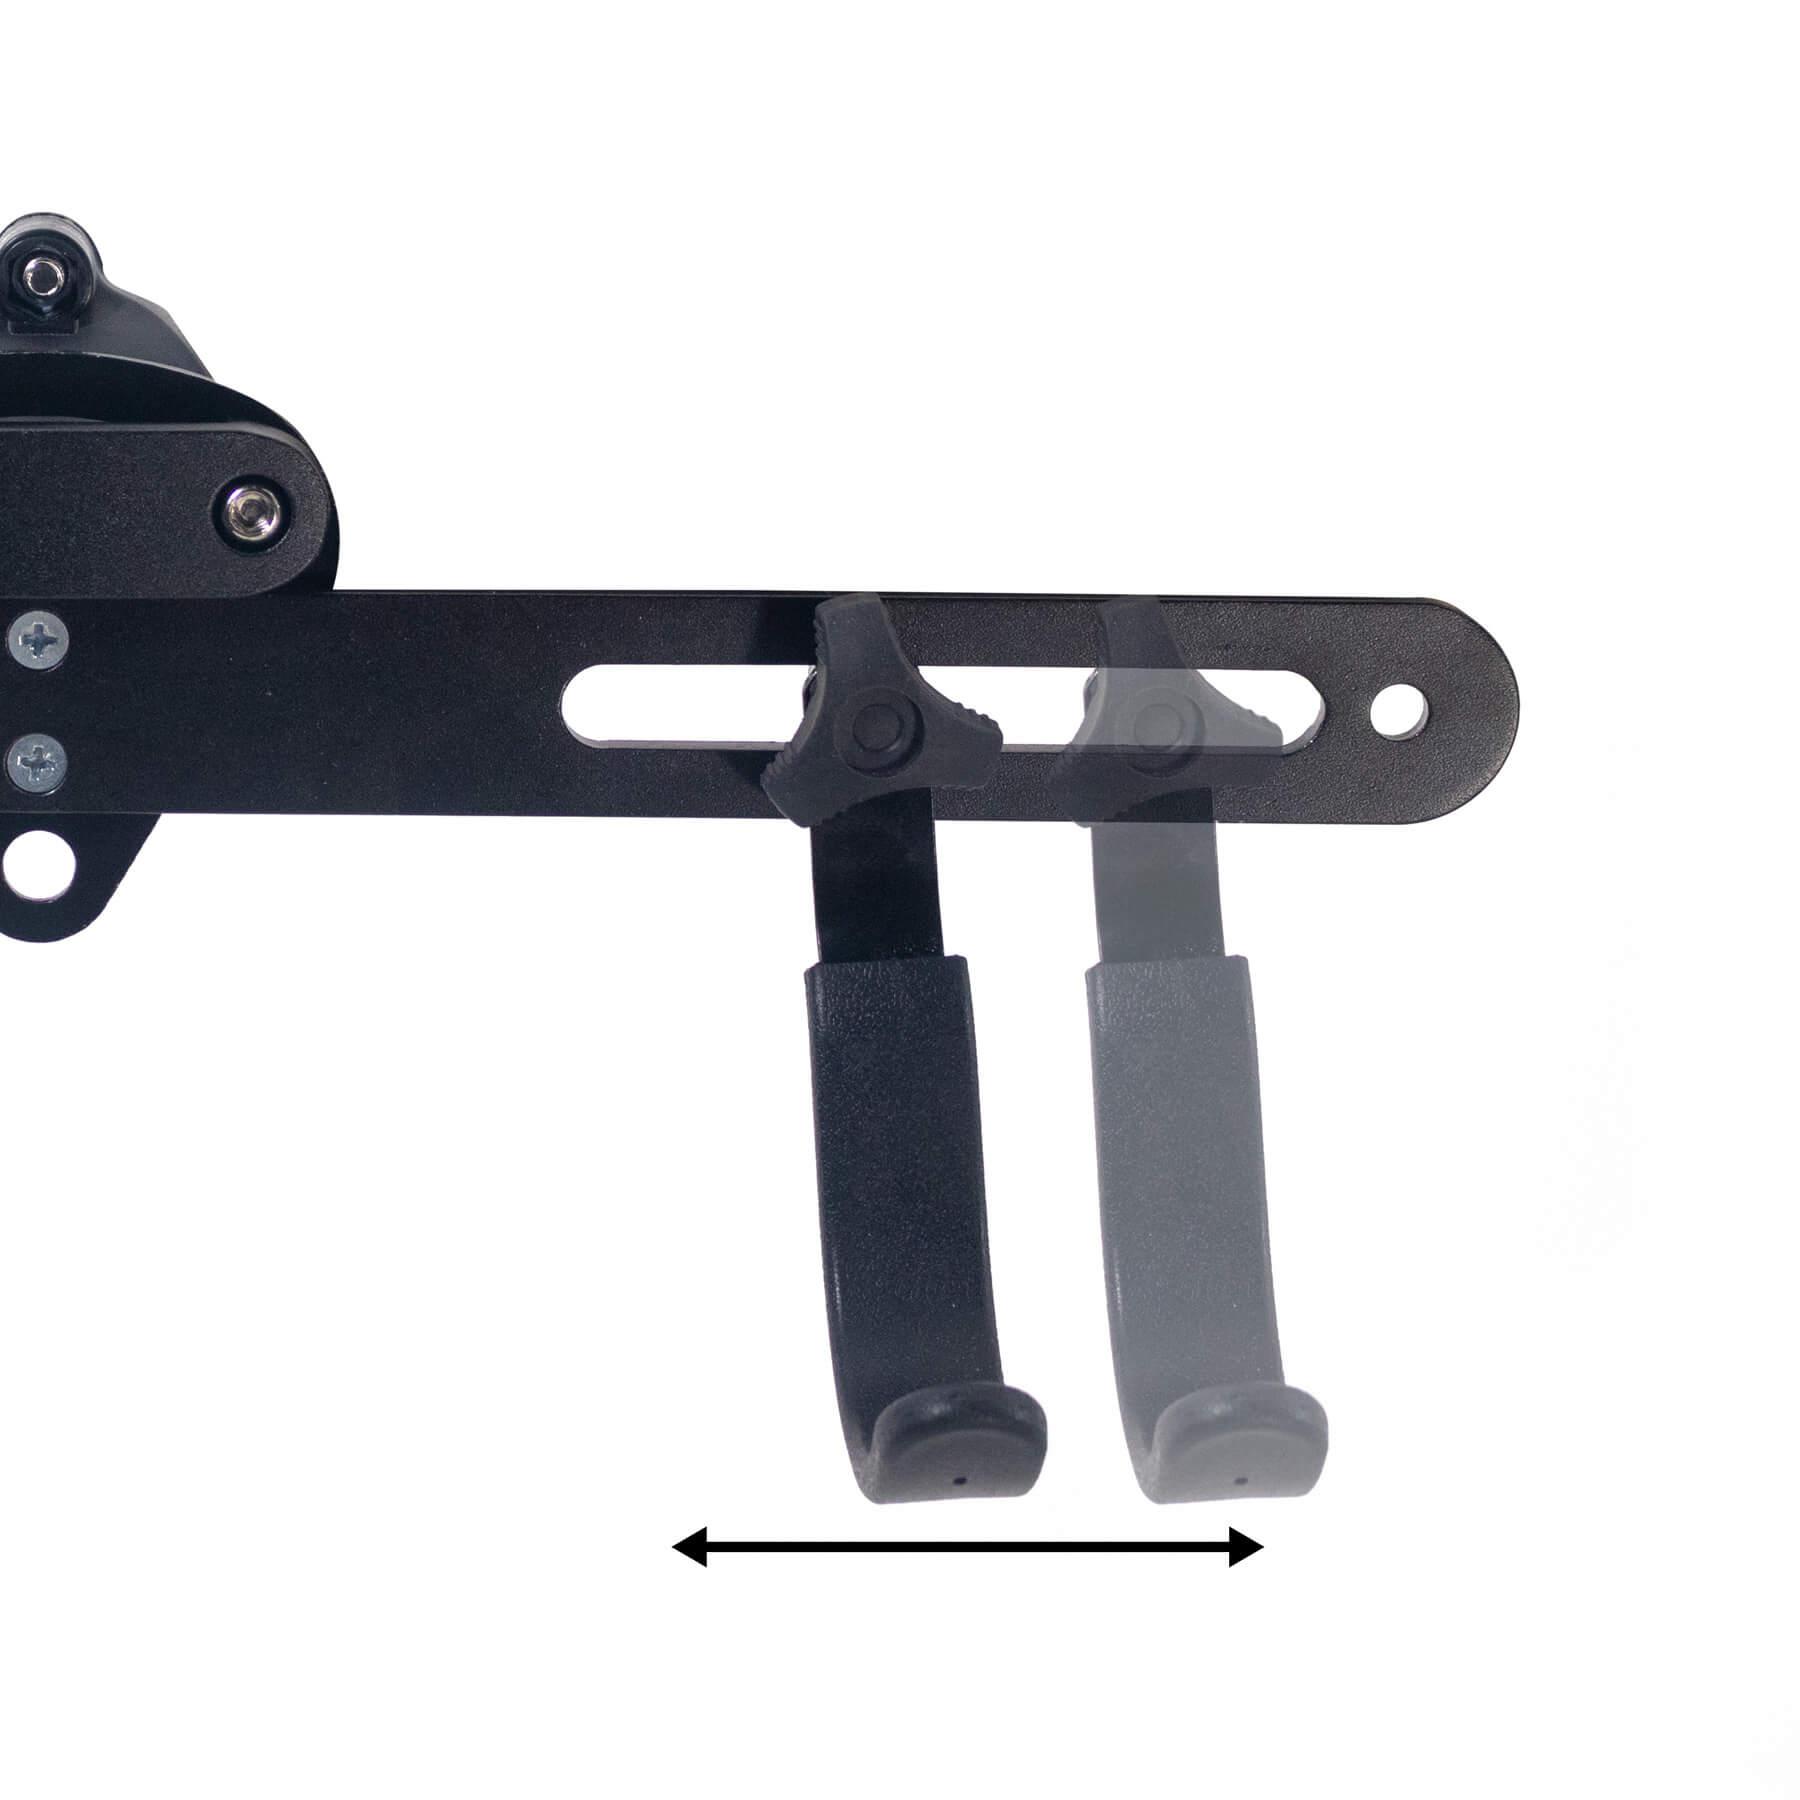 Suporte Expositor para bicicleta (modelo 1) 5